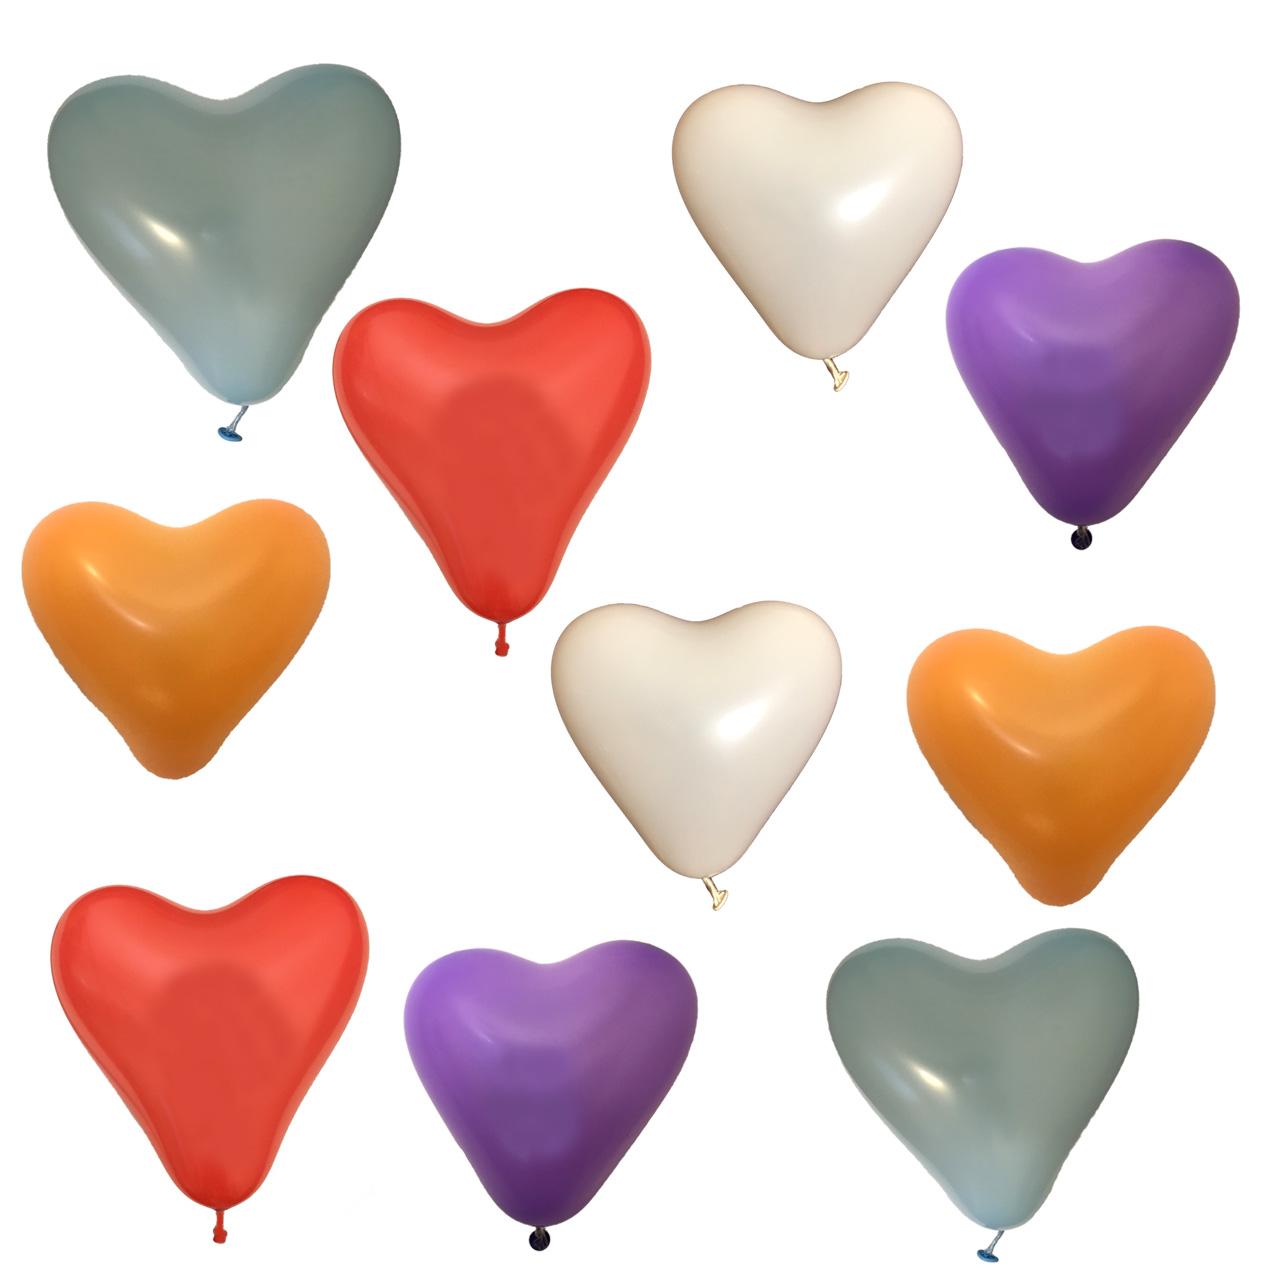 عکس بادکنک لاتکس طرح قلبی مدل Heart Balloons مجموعه 20 عددی